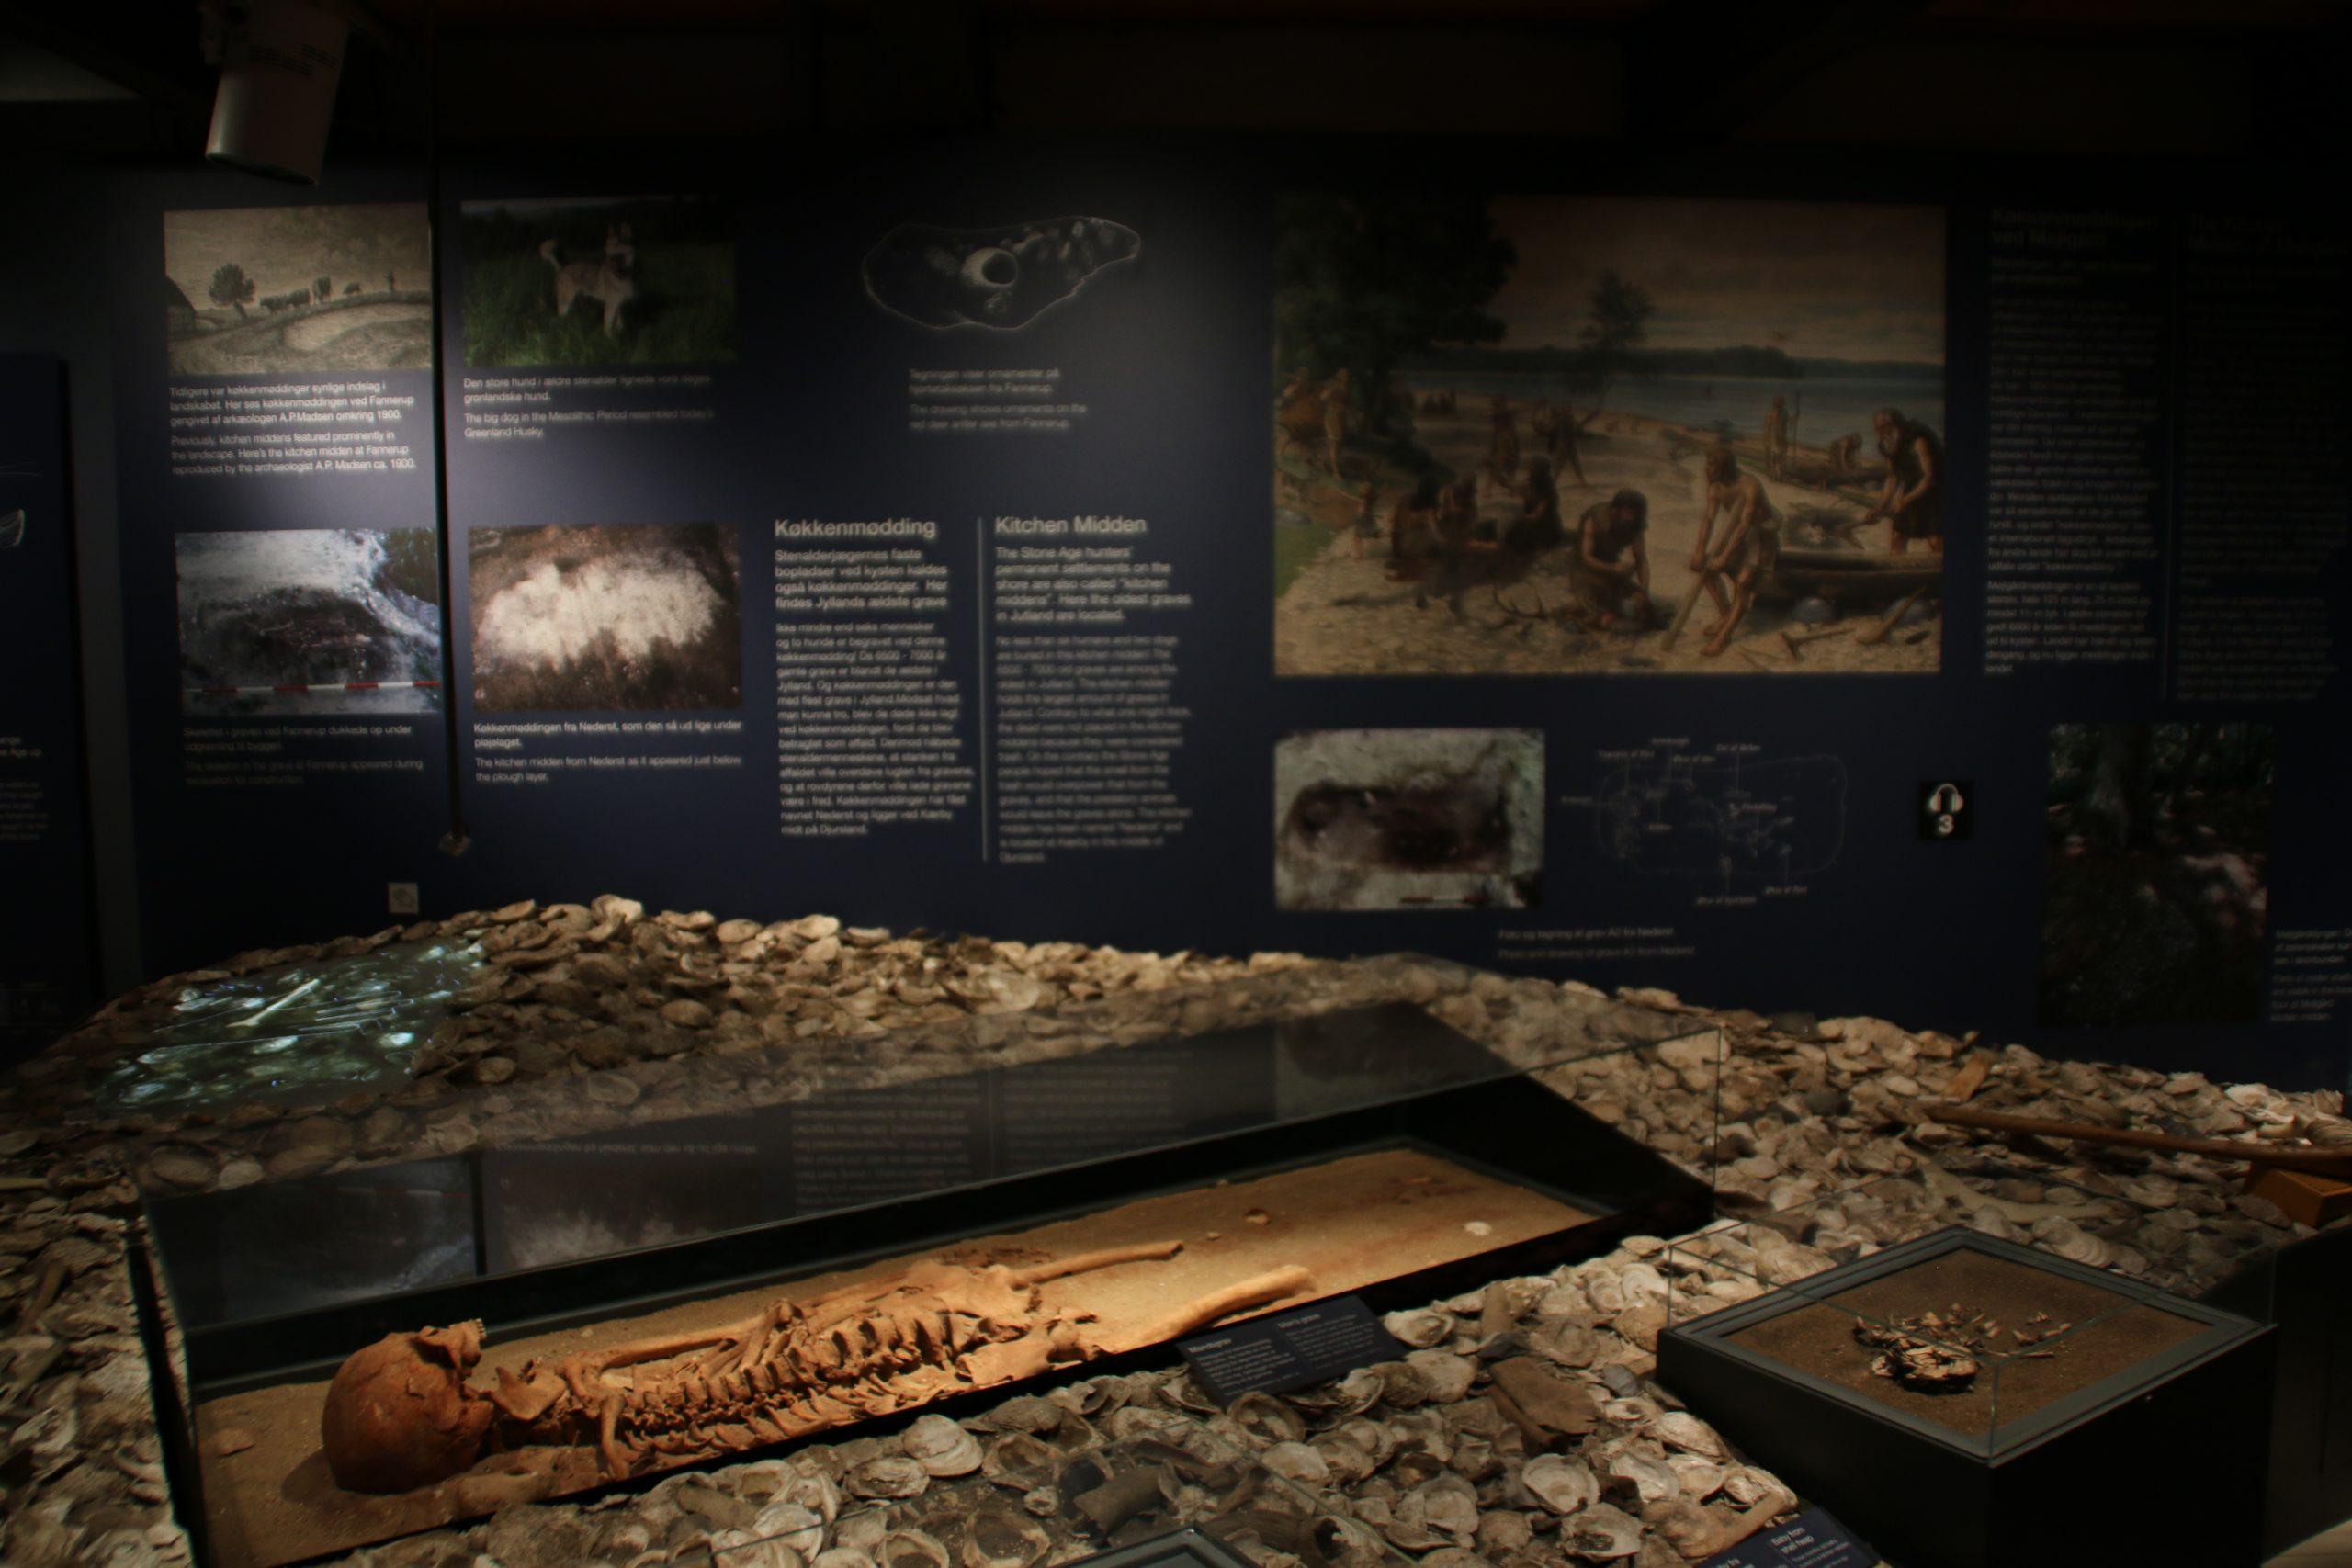 Экспозиция про находки, сделанные на месте раскопок кухонных куч в лесу поместья Мейлгорд, в музее г. Грено, Дания. Фото 12 сент. 2020